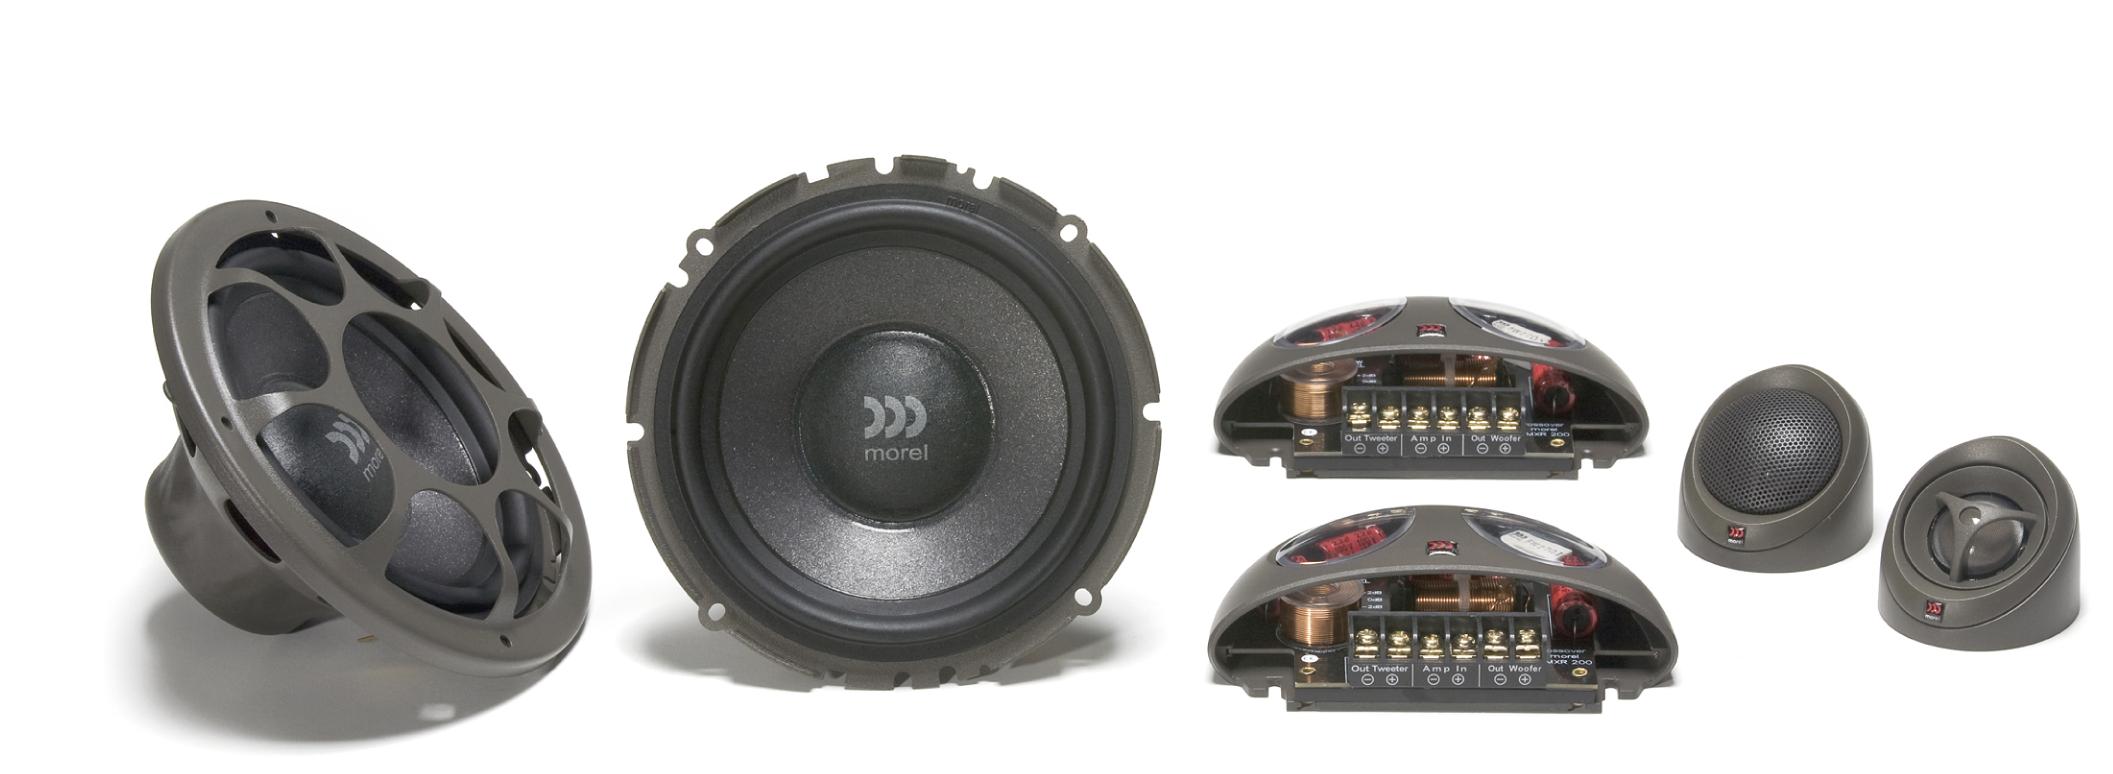 VIRTUS 602